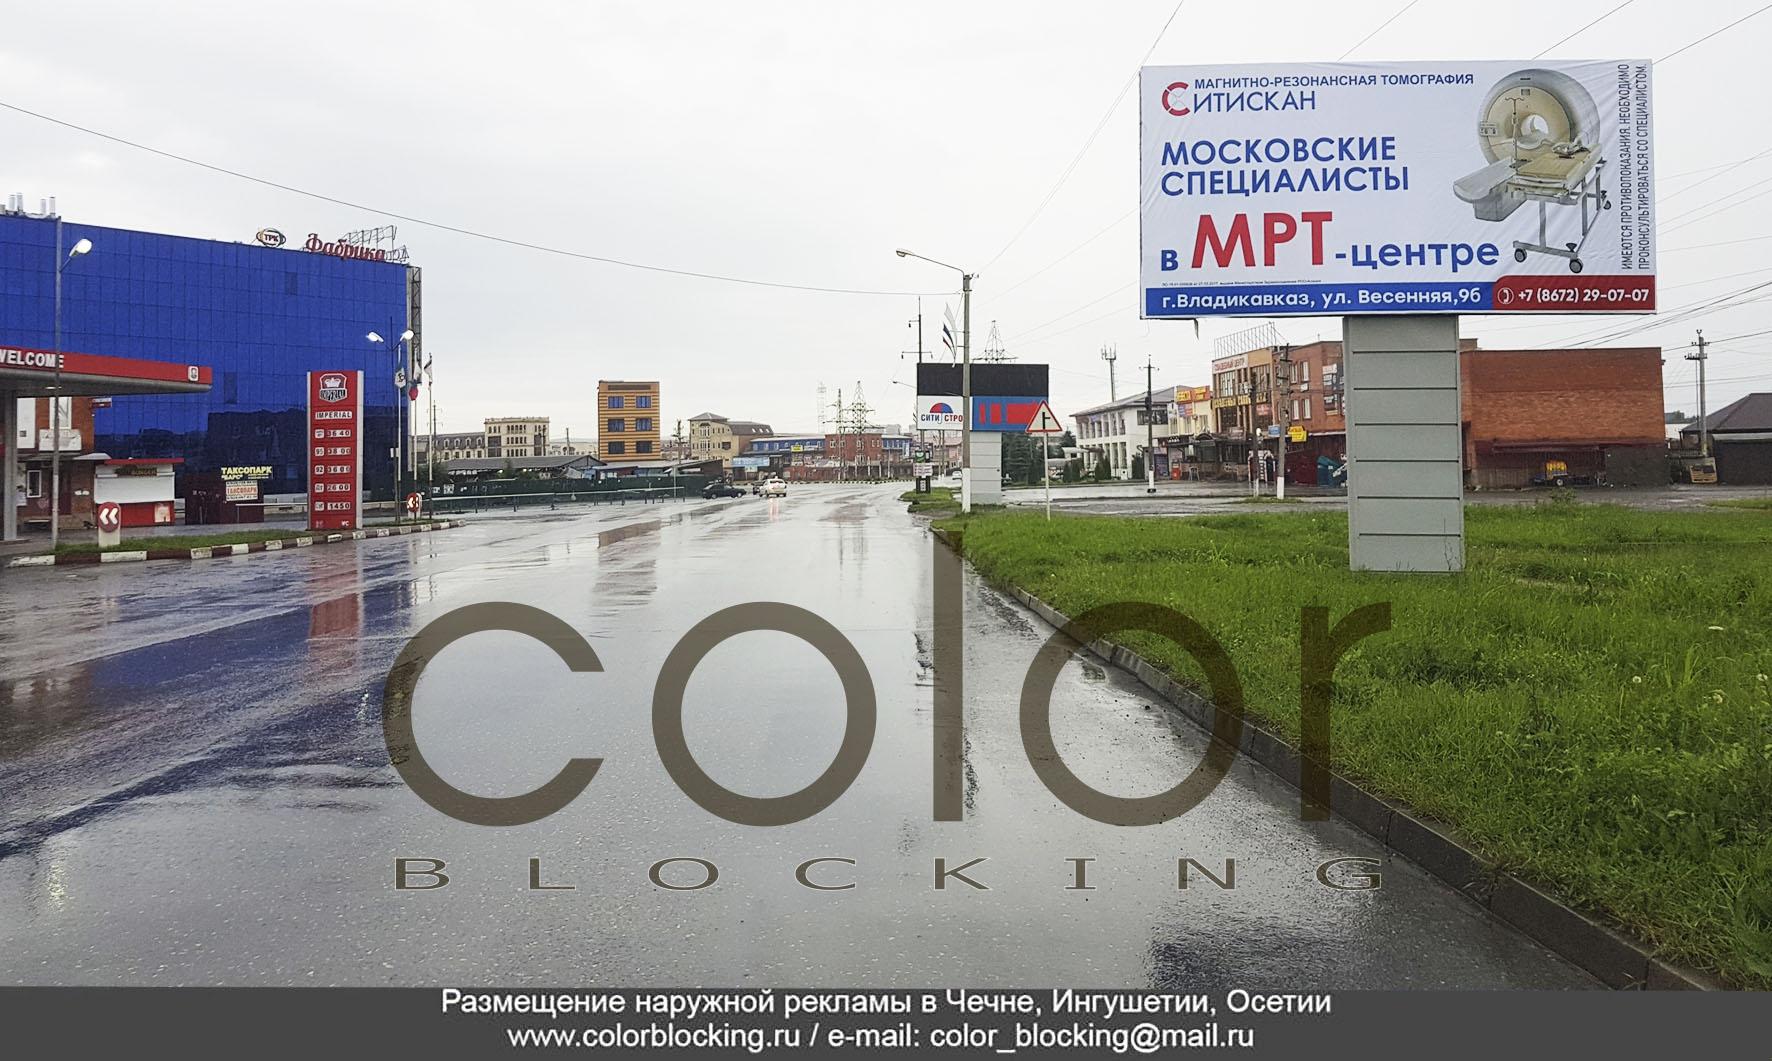 Рекламные щиты в Ингушетии 3х6